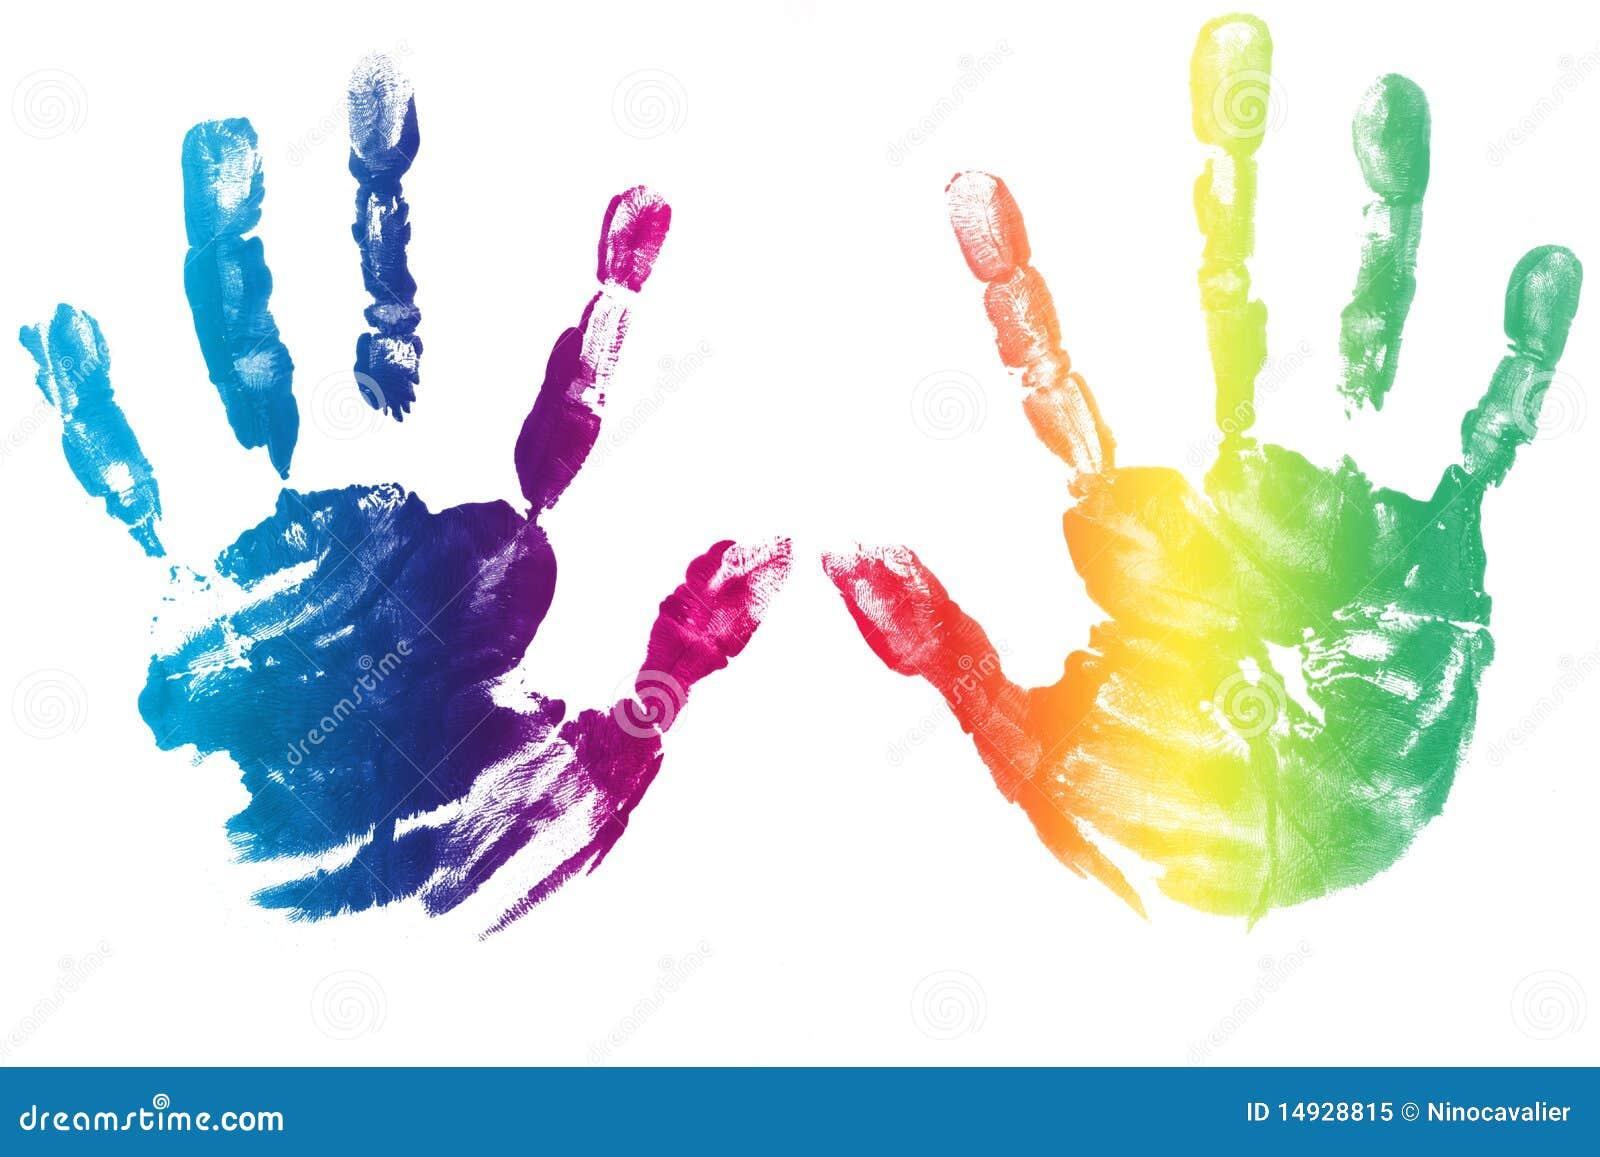 Crianca Colorida Das Maos Impressa Imagem De Stock Imagem De